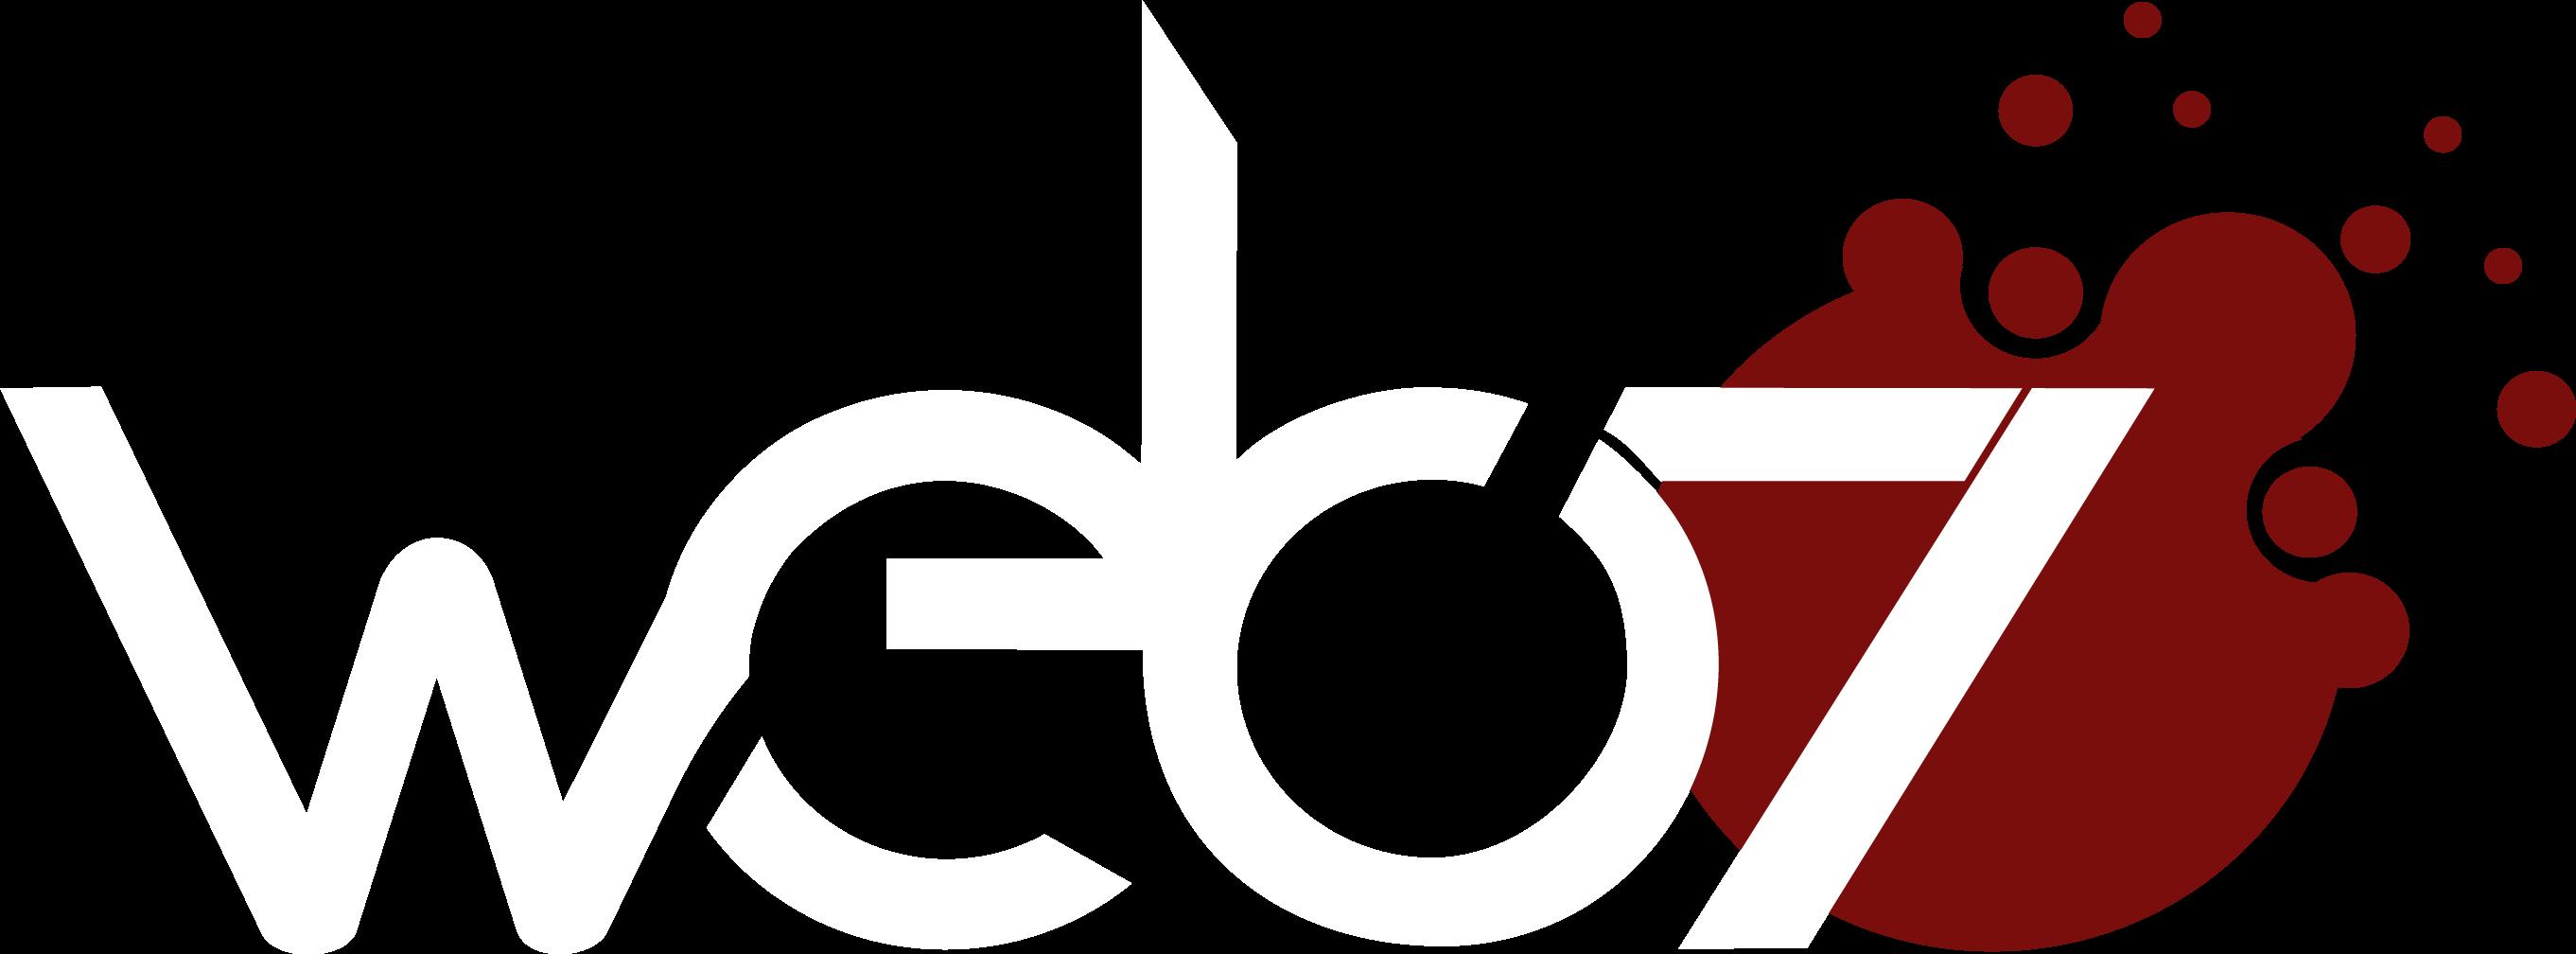 logo-web7